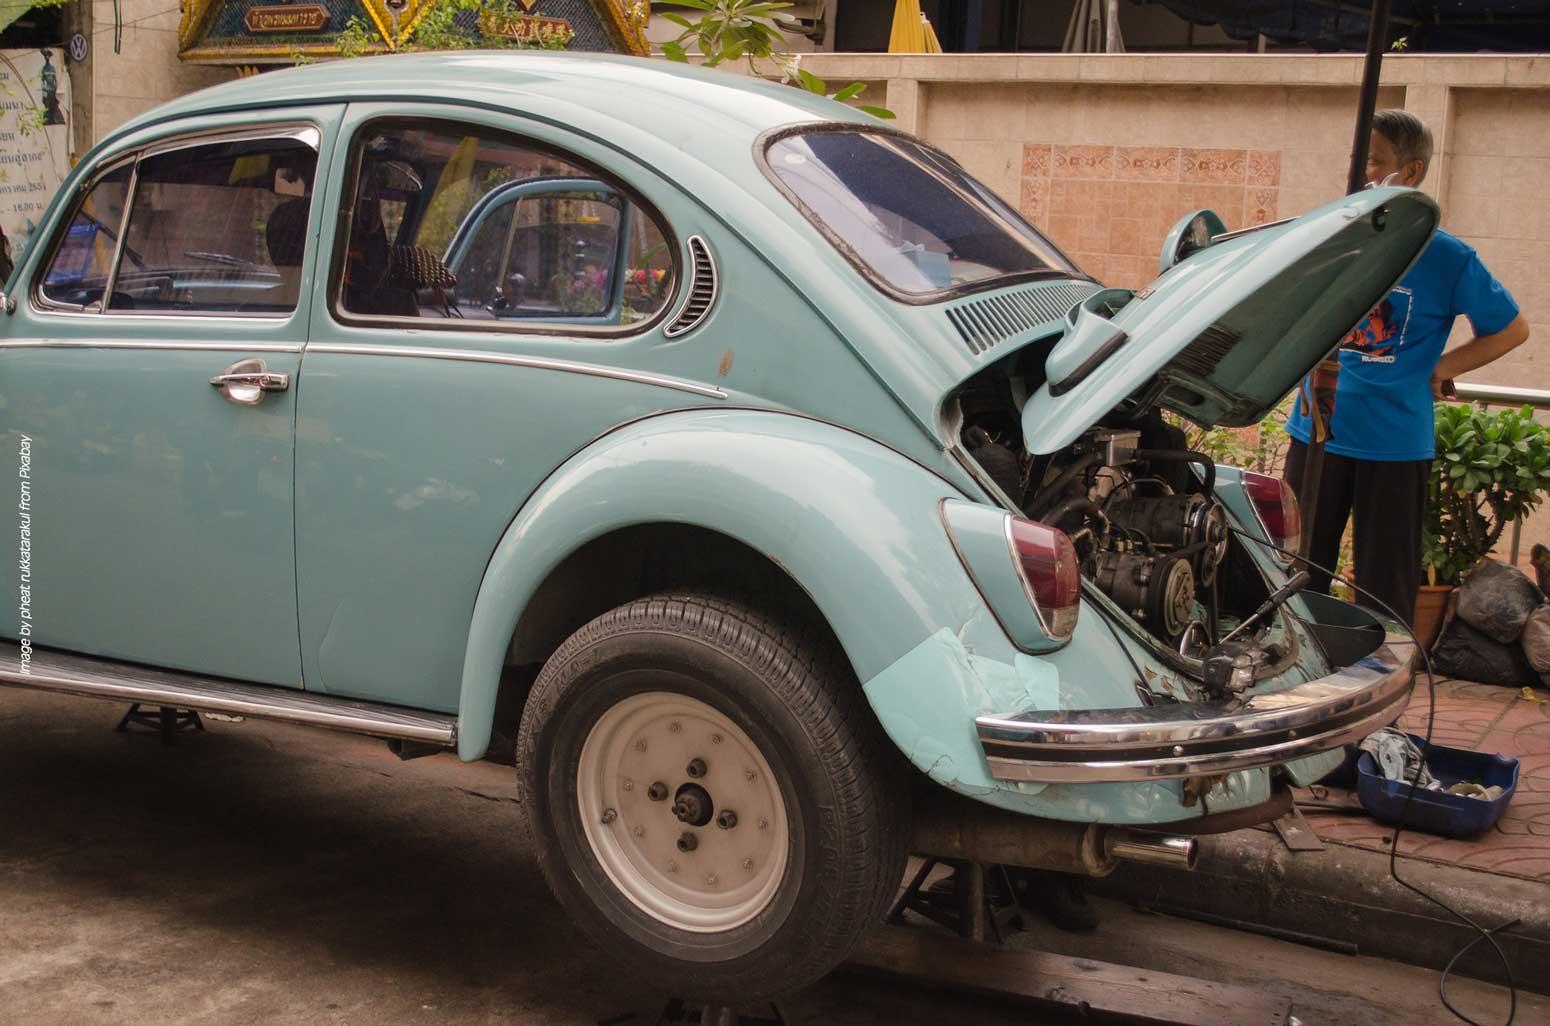 Προετοιμάστε σωστά το αυτοκίνητό σας για το καλοκαίρι